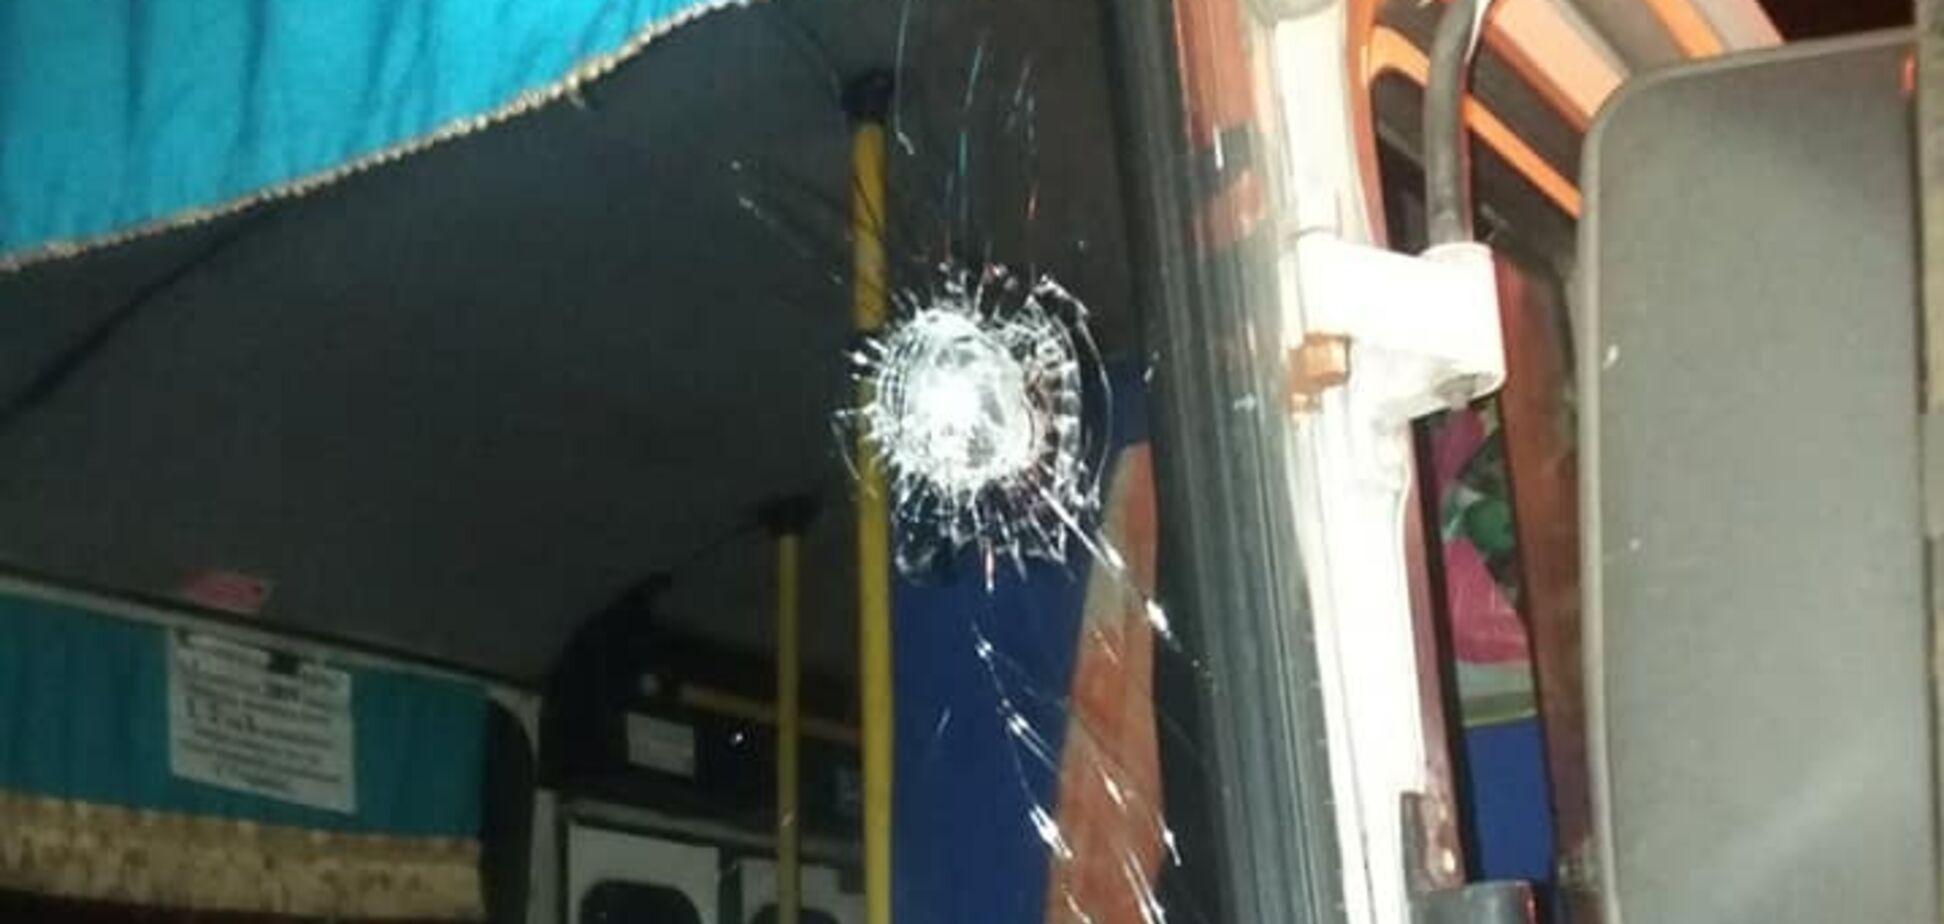 Під Дніпром автобуси з пасажирами зазнали масового обстрілу. Фото